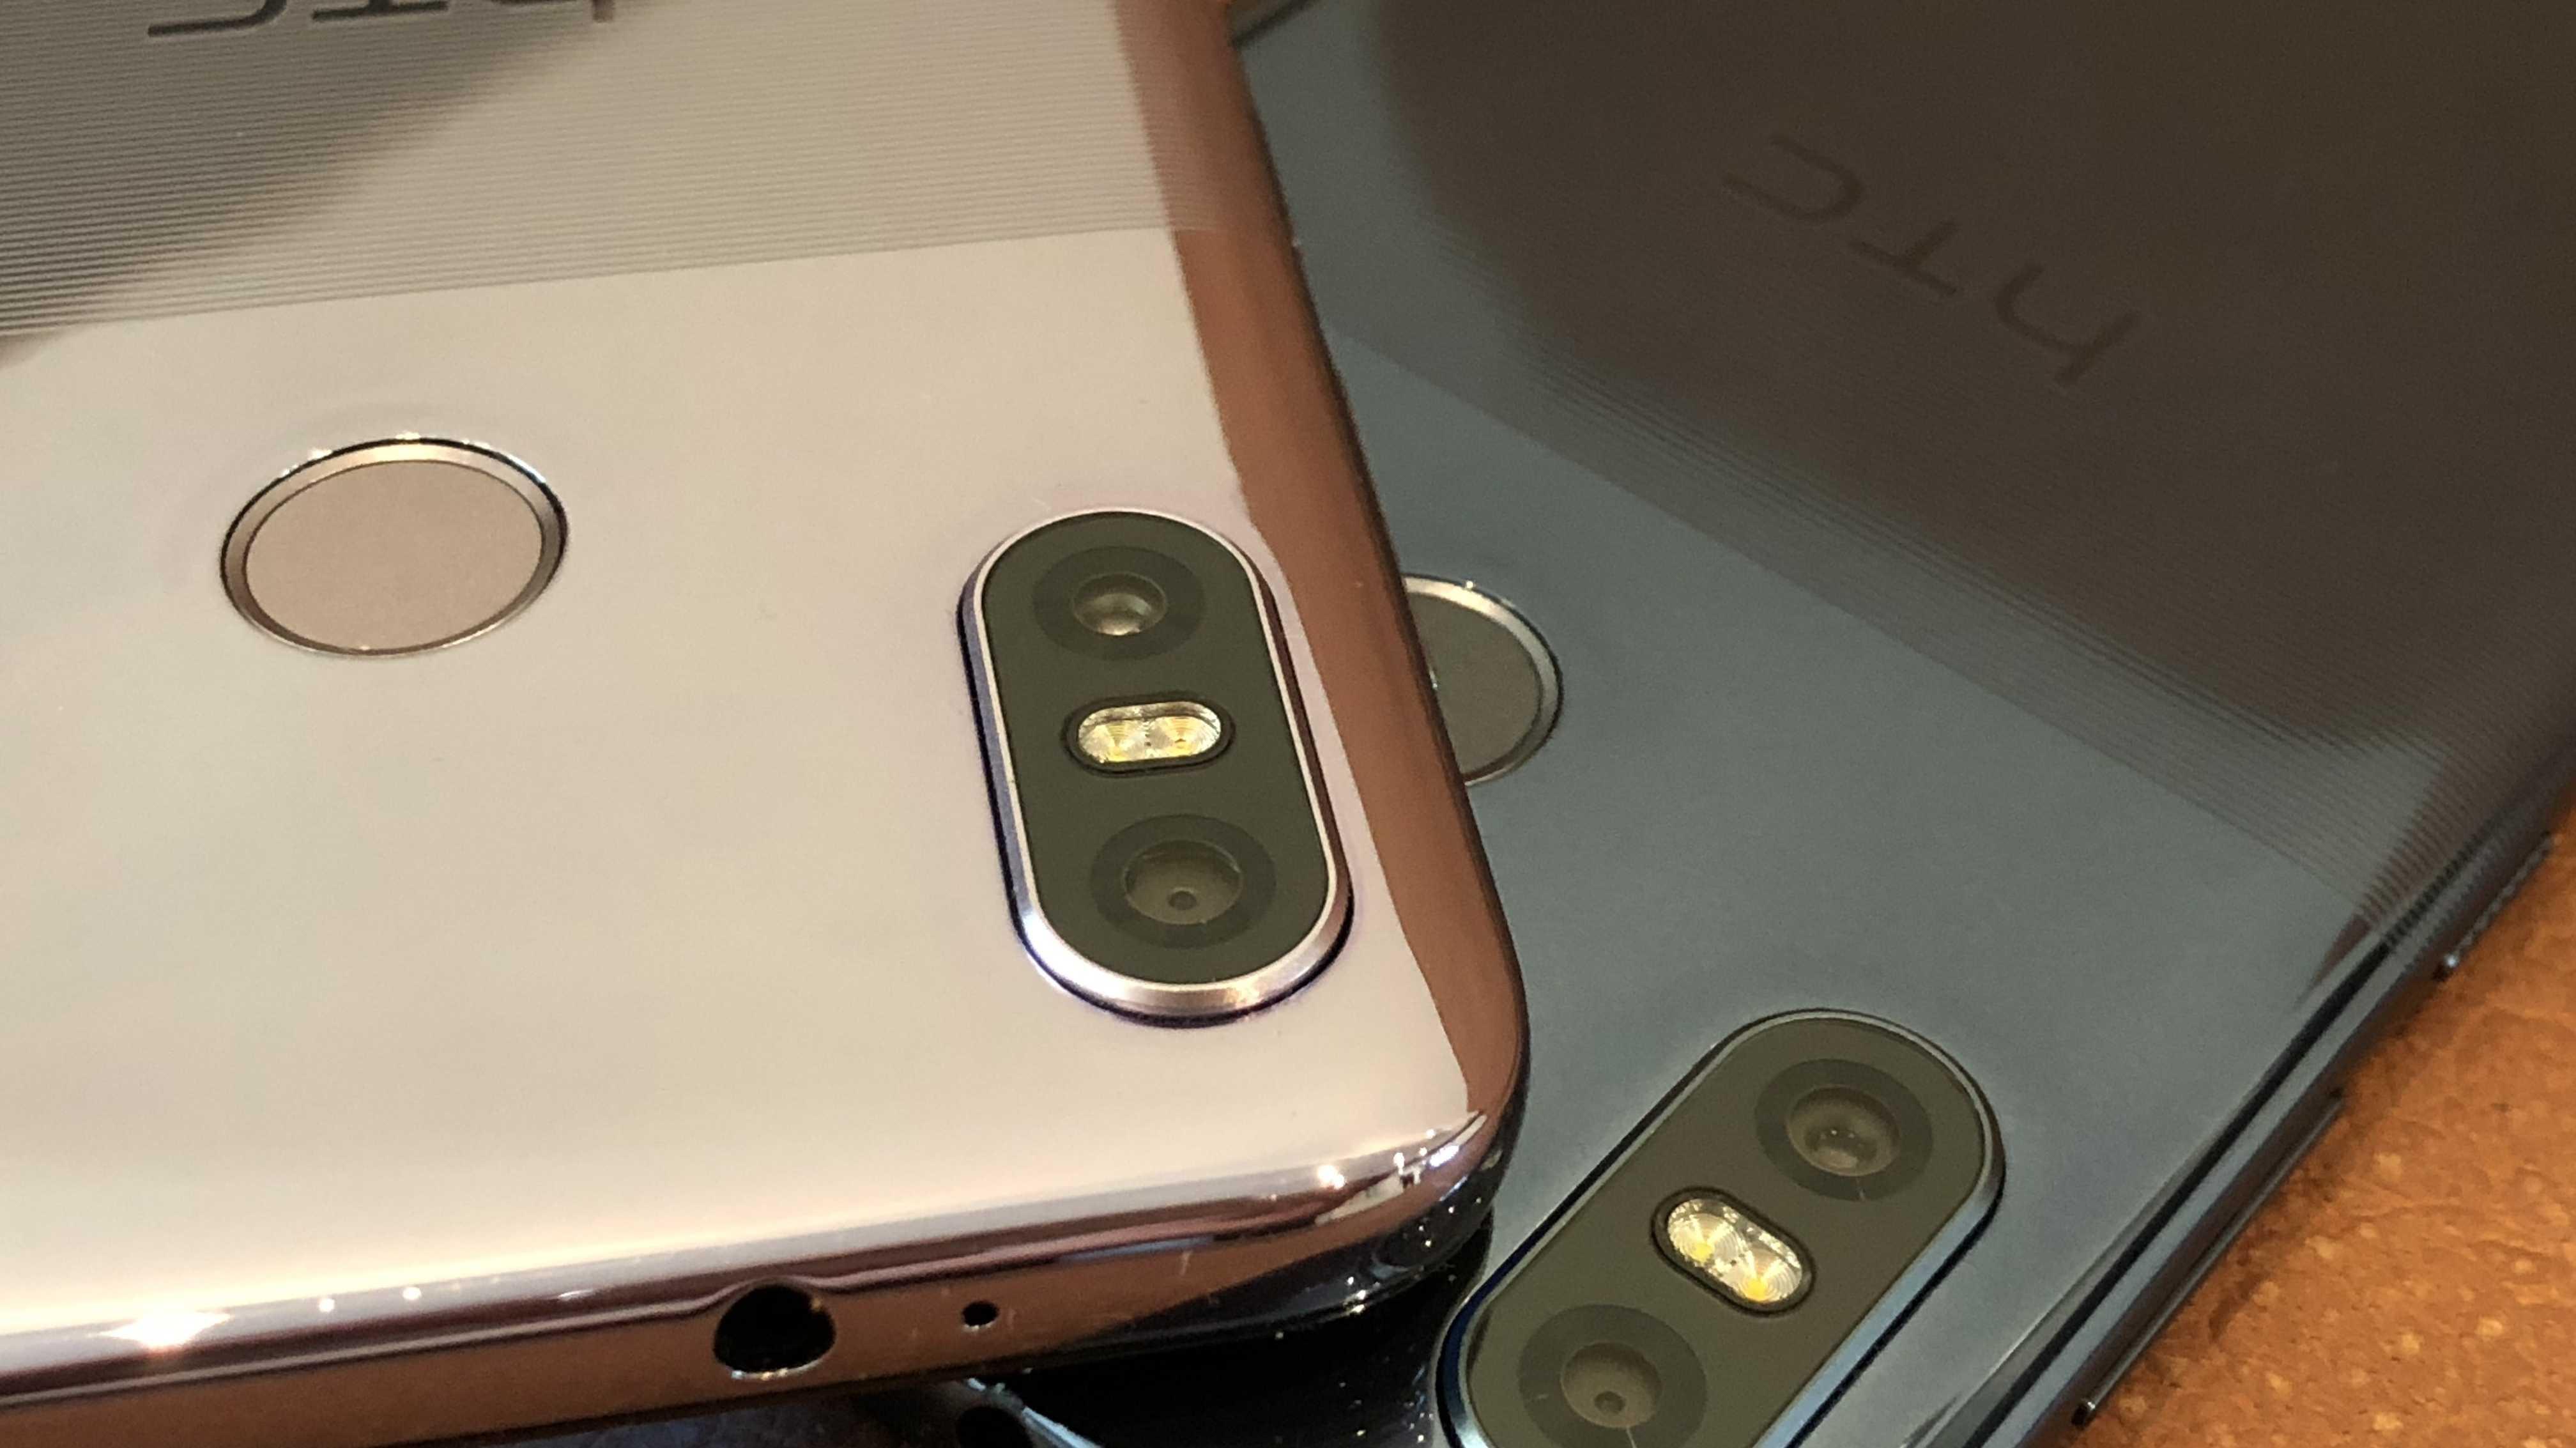 HTC U12 life mit Riffelrückseite gegens Rutschen